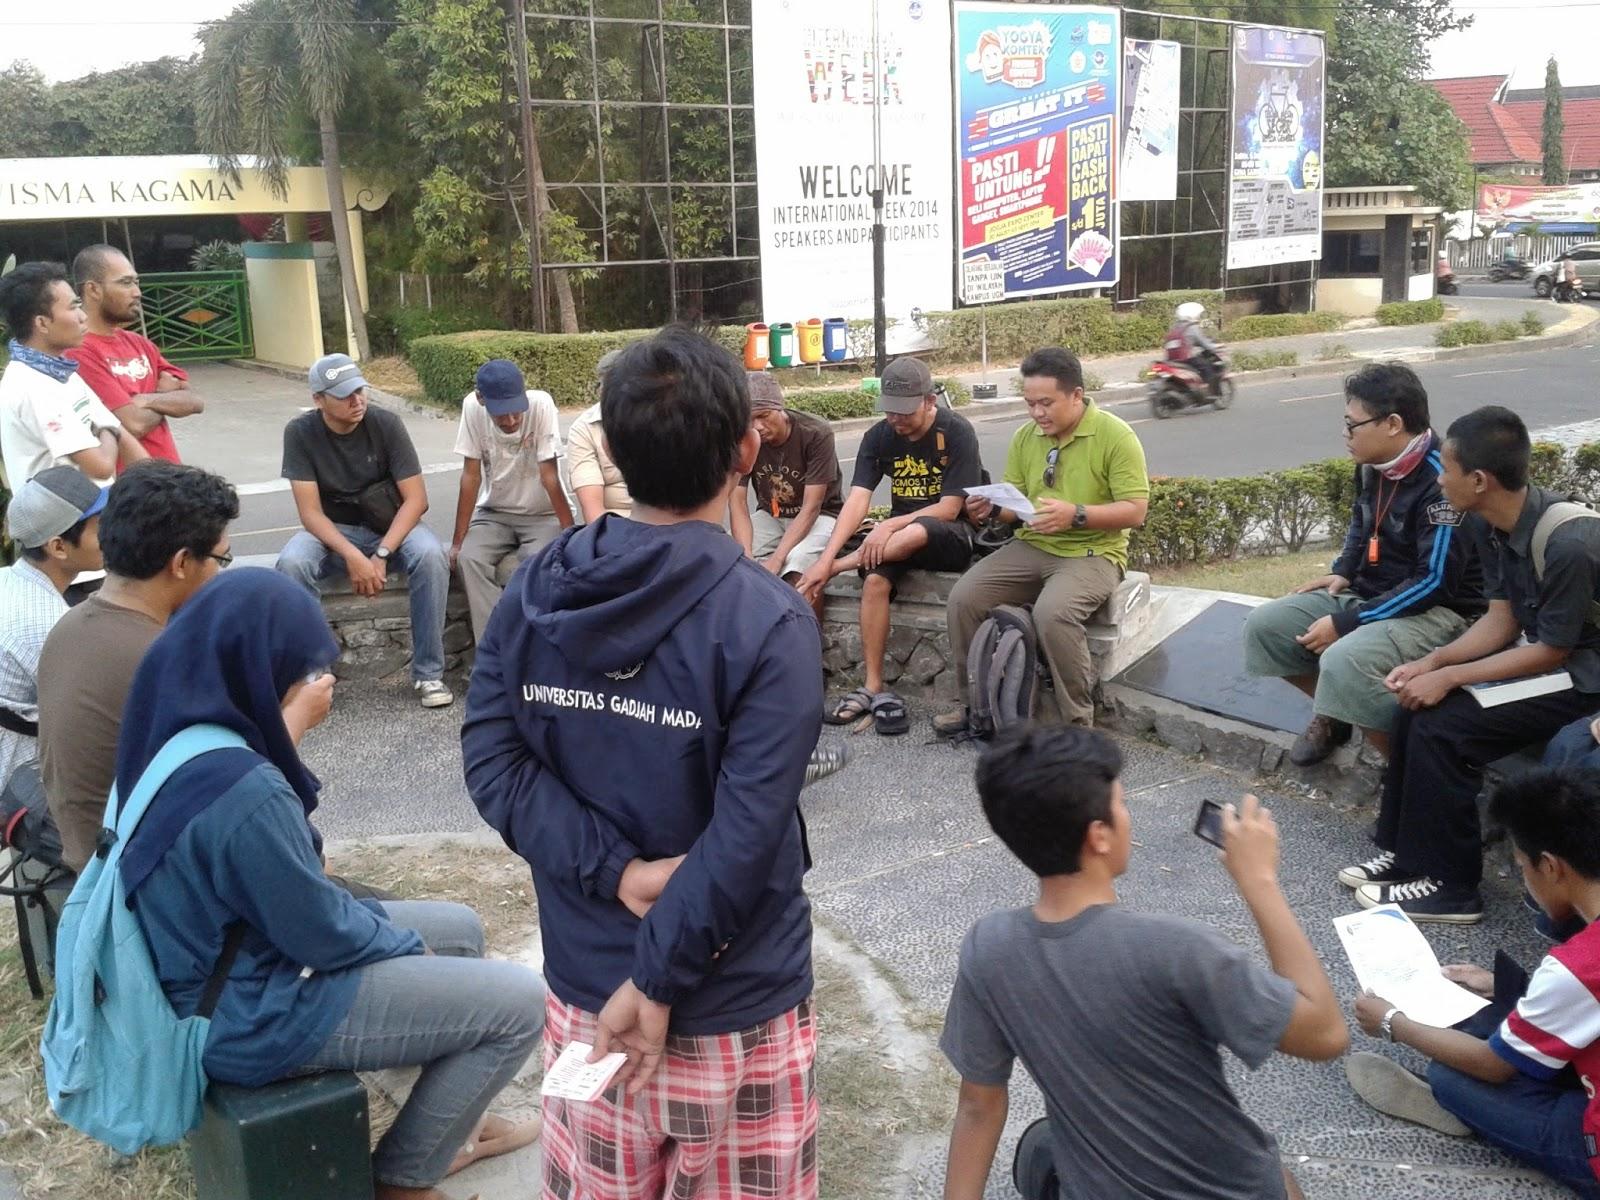 Kumpul dan berdiskusi santai dibunderan UGM